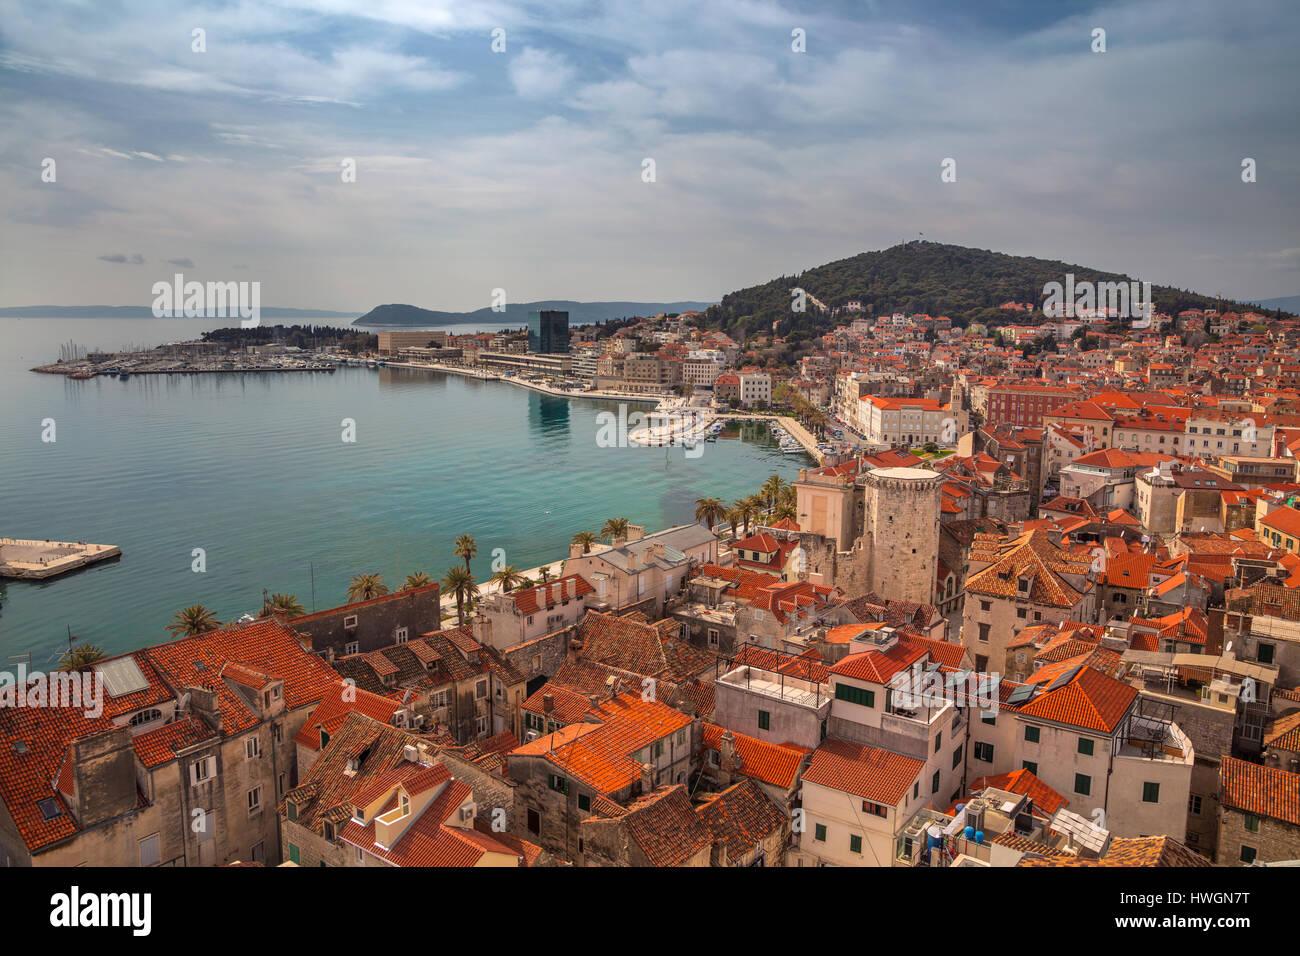 Split, Croacia. Bonito y romántico casco antiguo de Split durante un día soleado. Croacia, Europa. Imagen De Stock